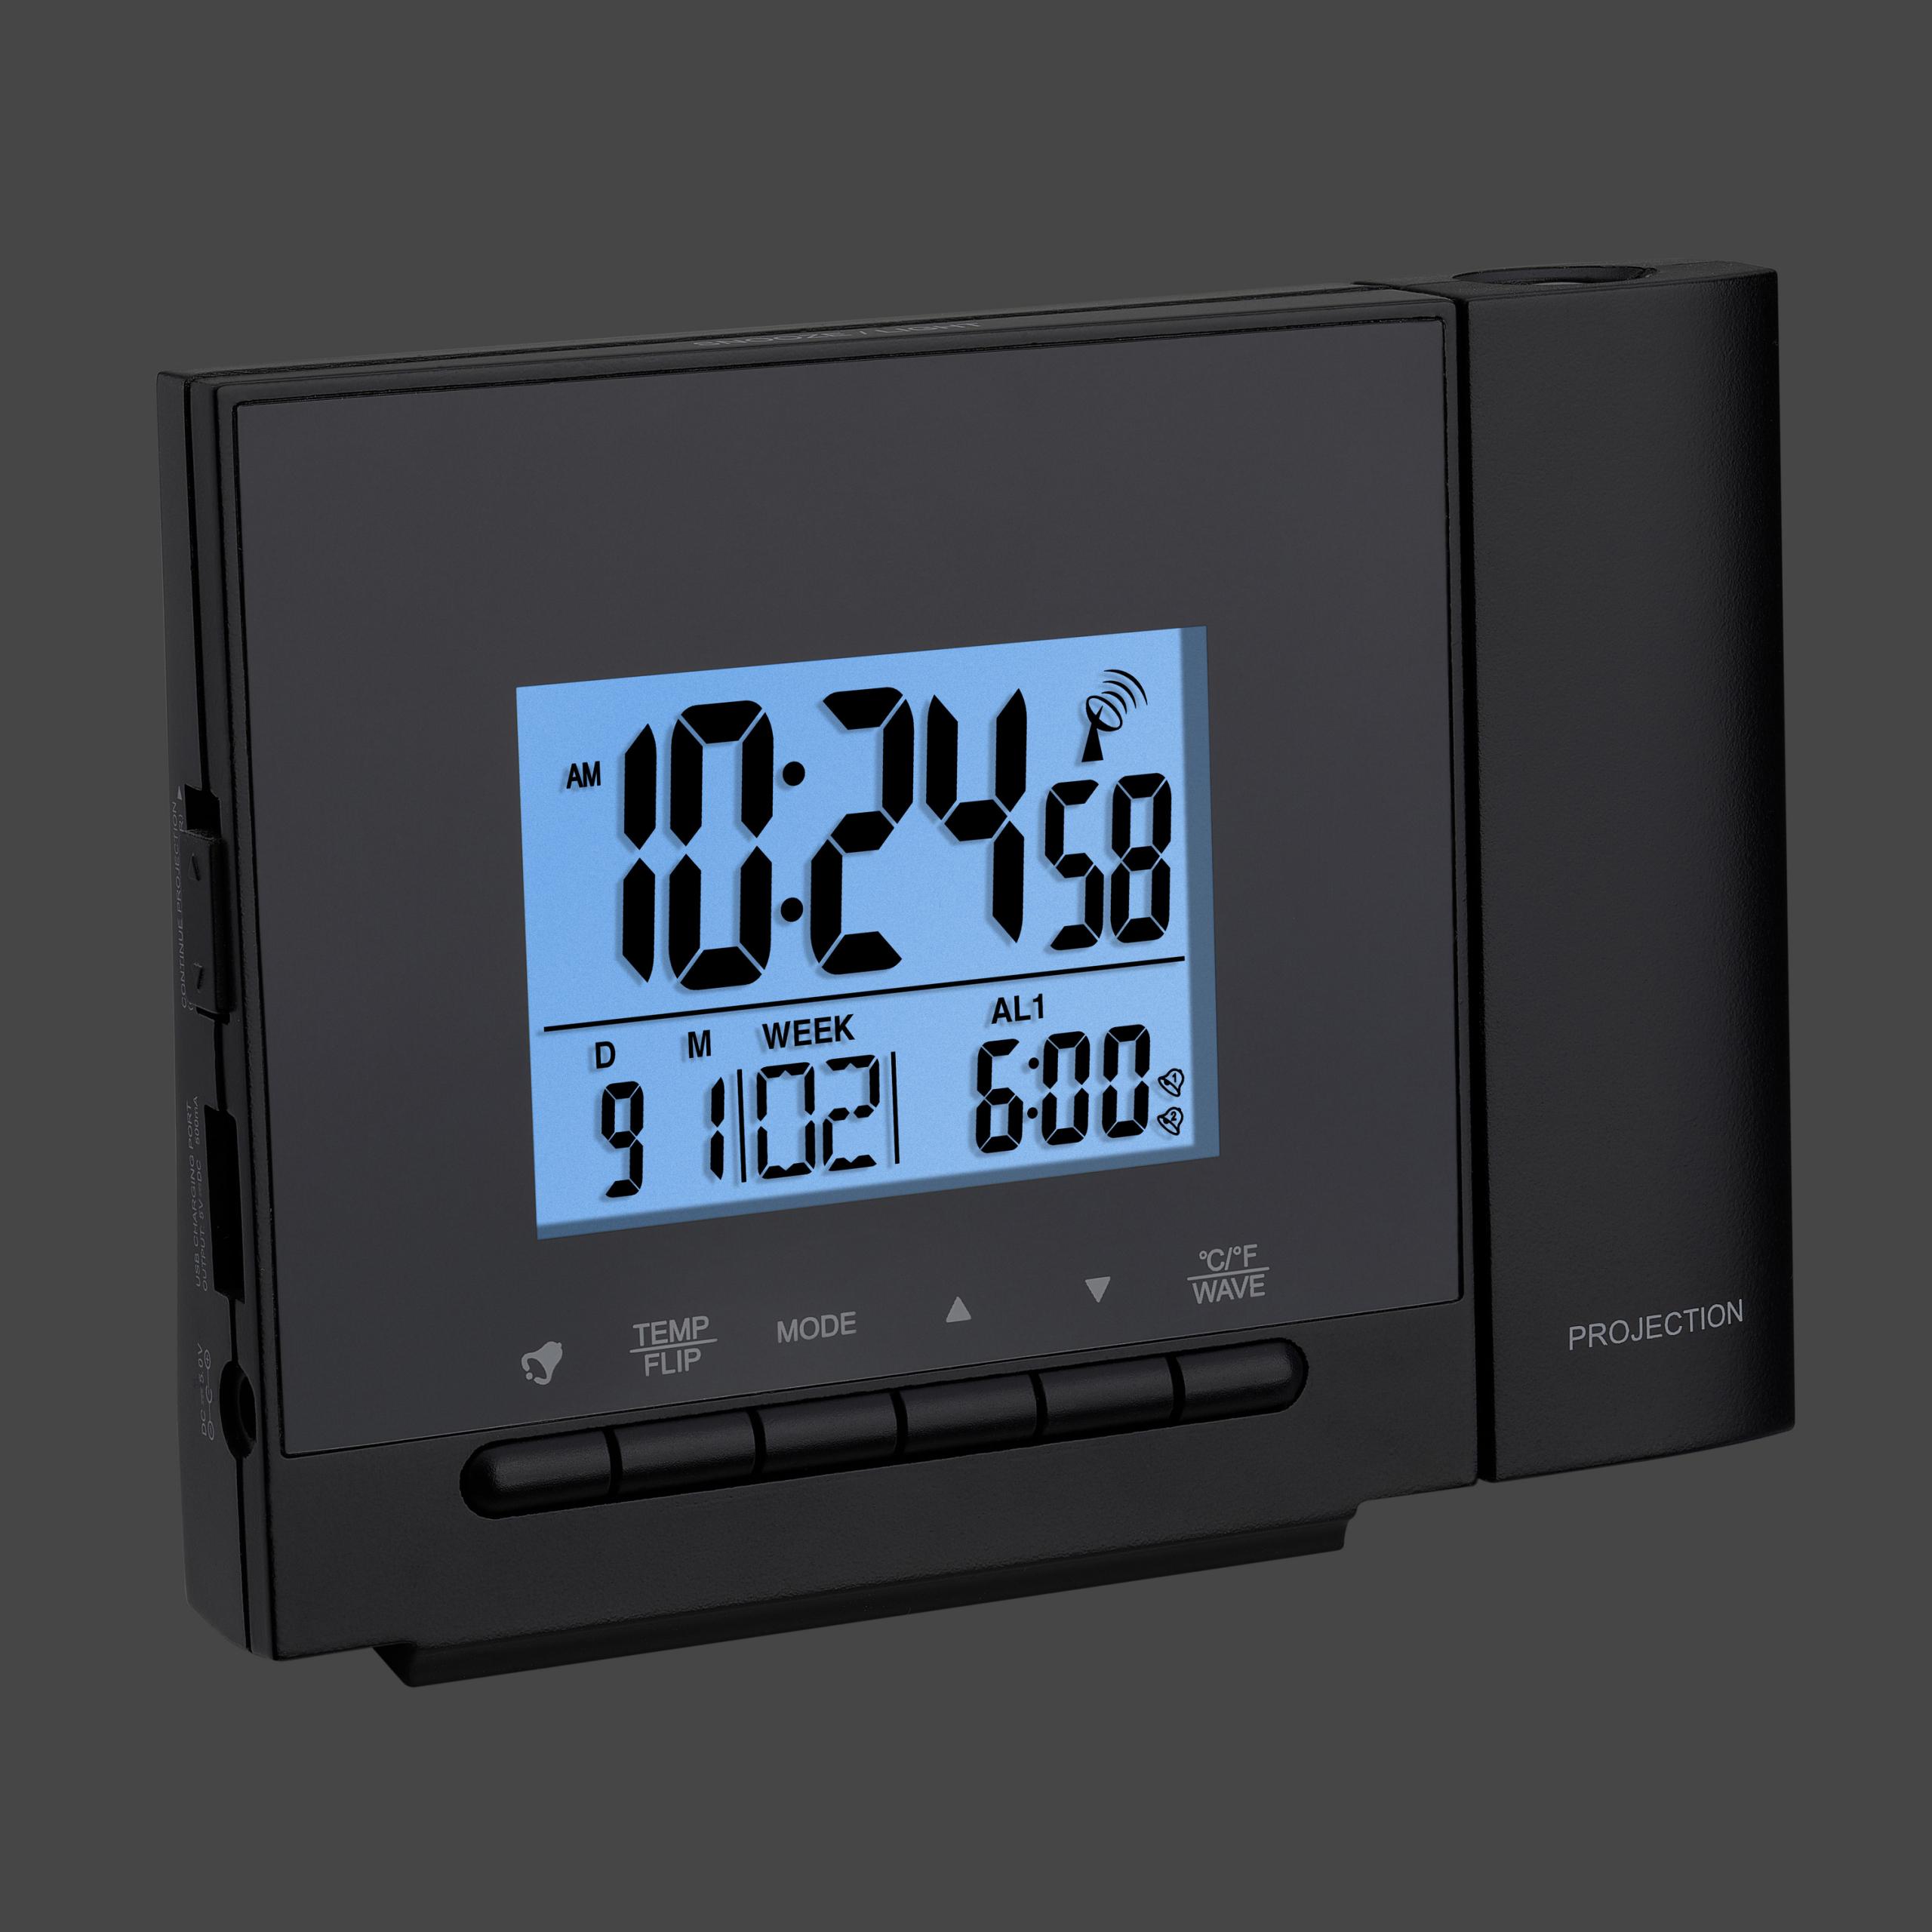 Kühlschrank Thermometer Funk : Tfa dostmann funk projektionsuhr mit temperatur